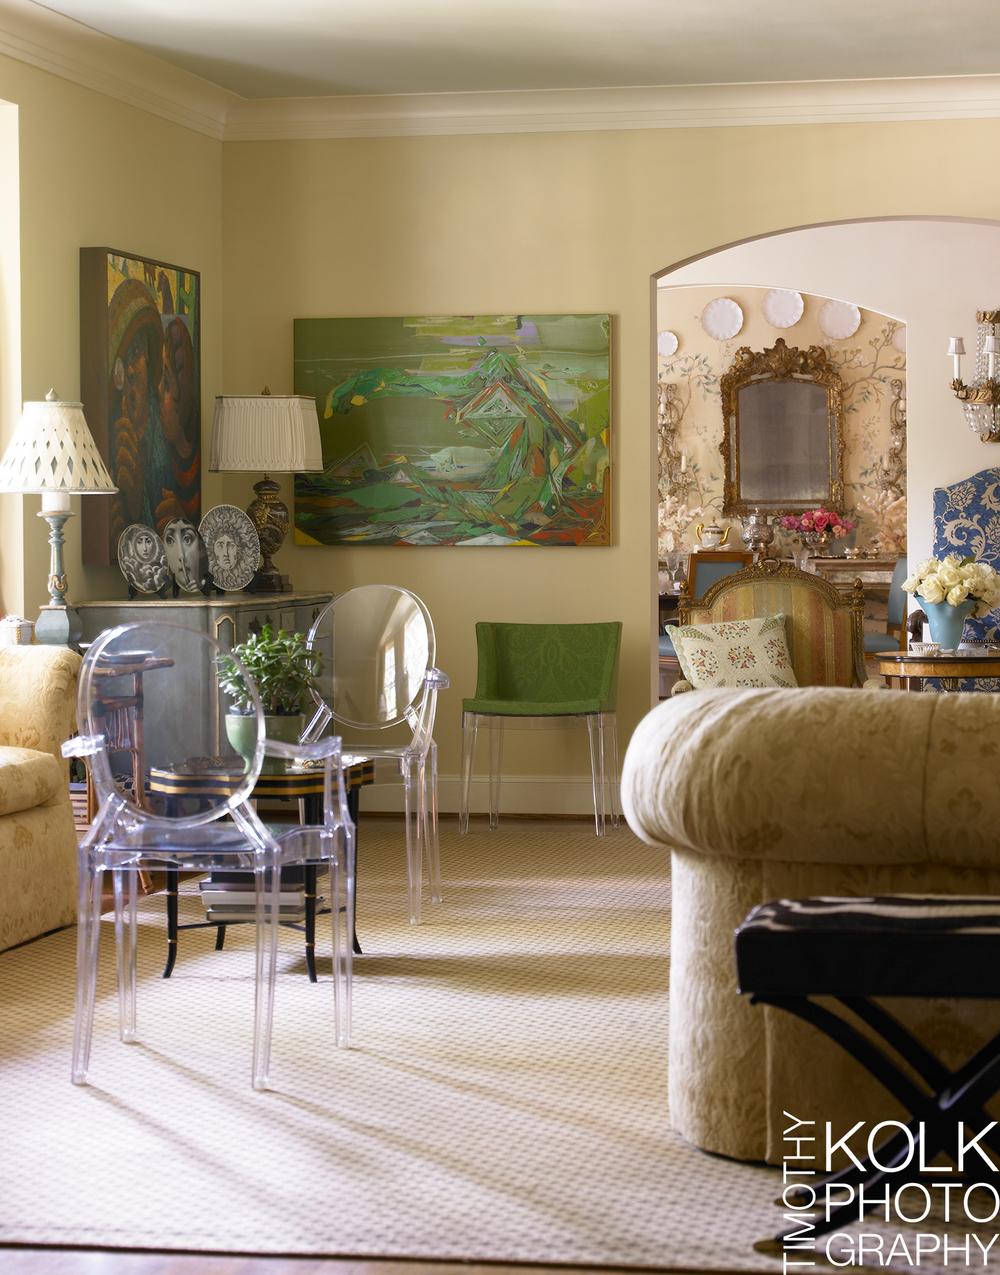 lemack_livingroom.jpg